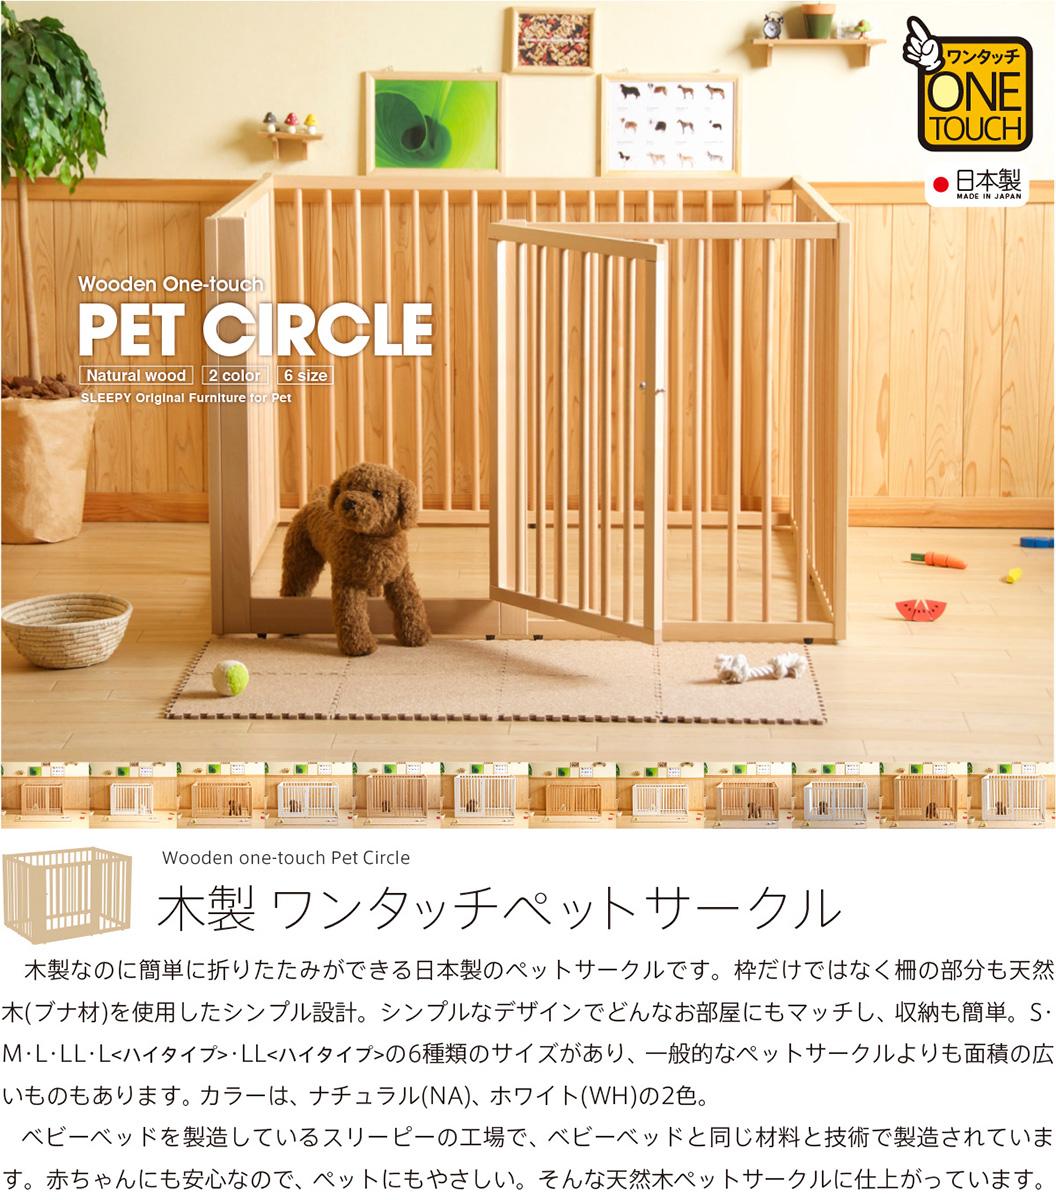 「木製ワンタッチペットサークル(Sサイズ)」